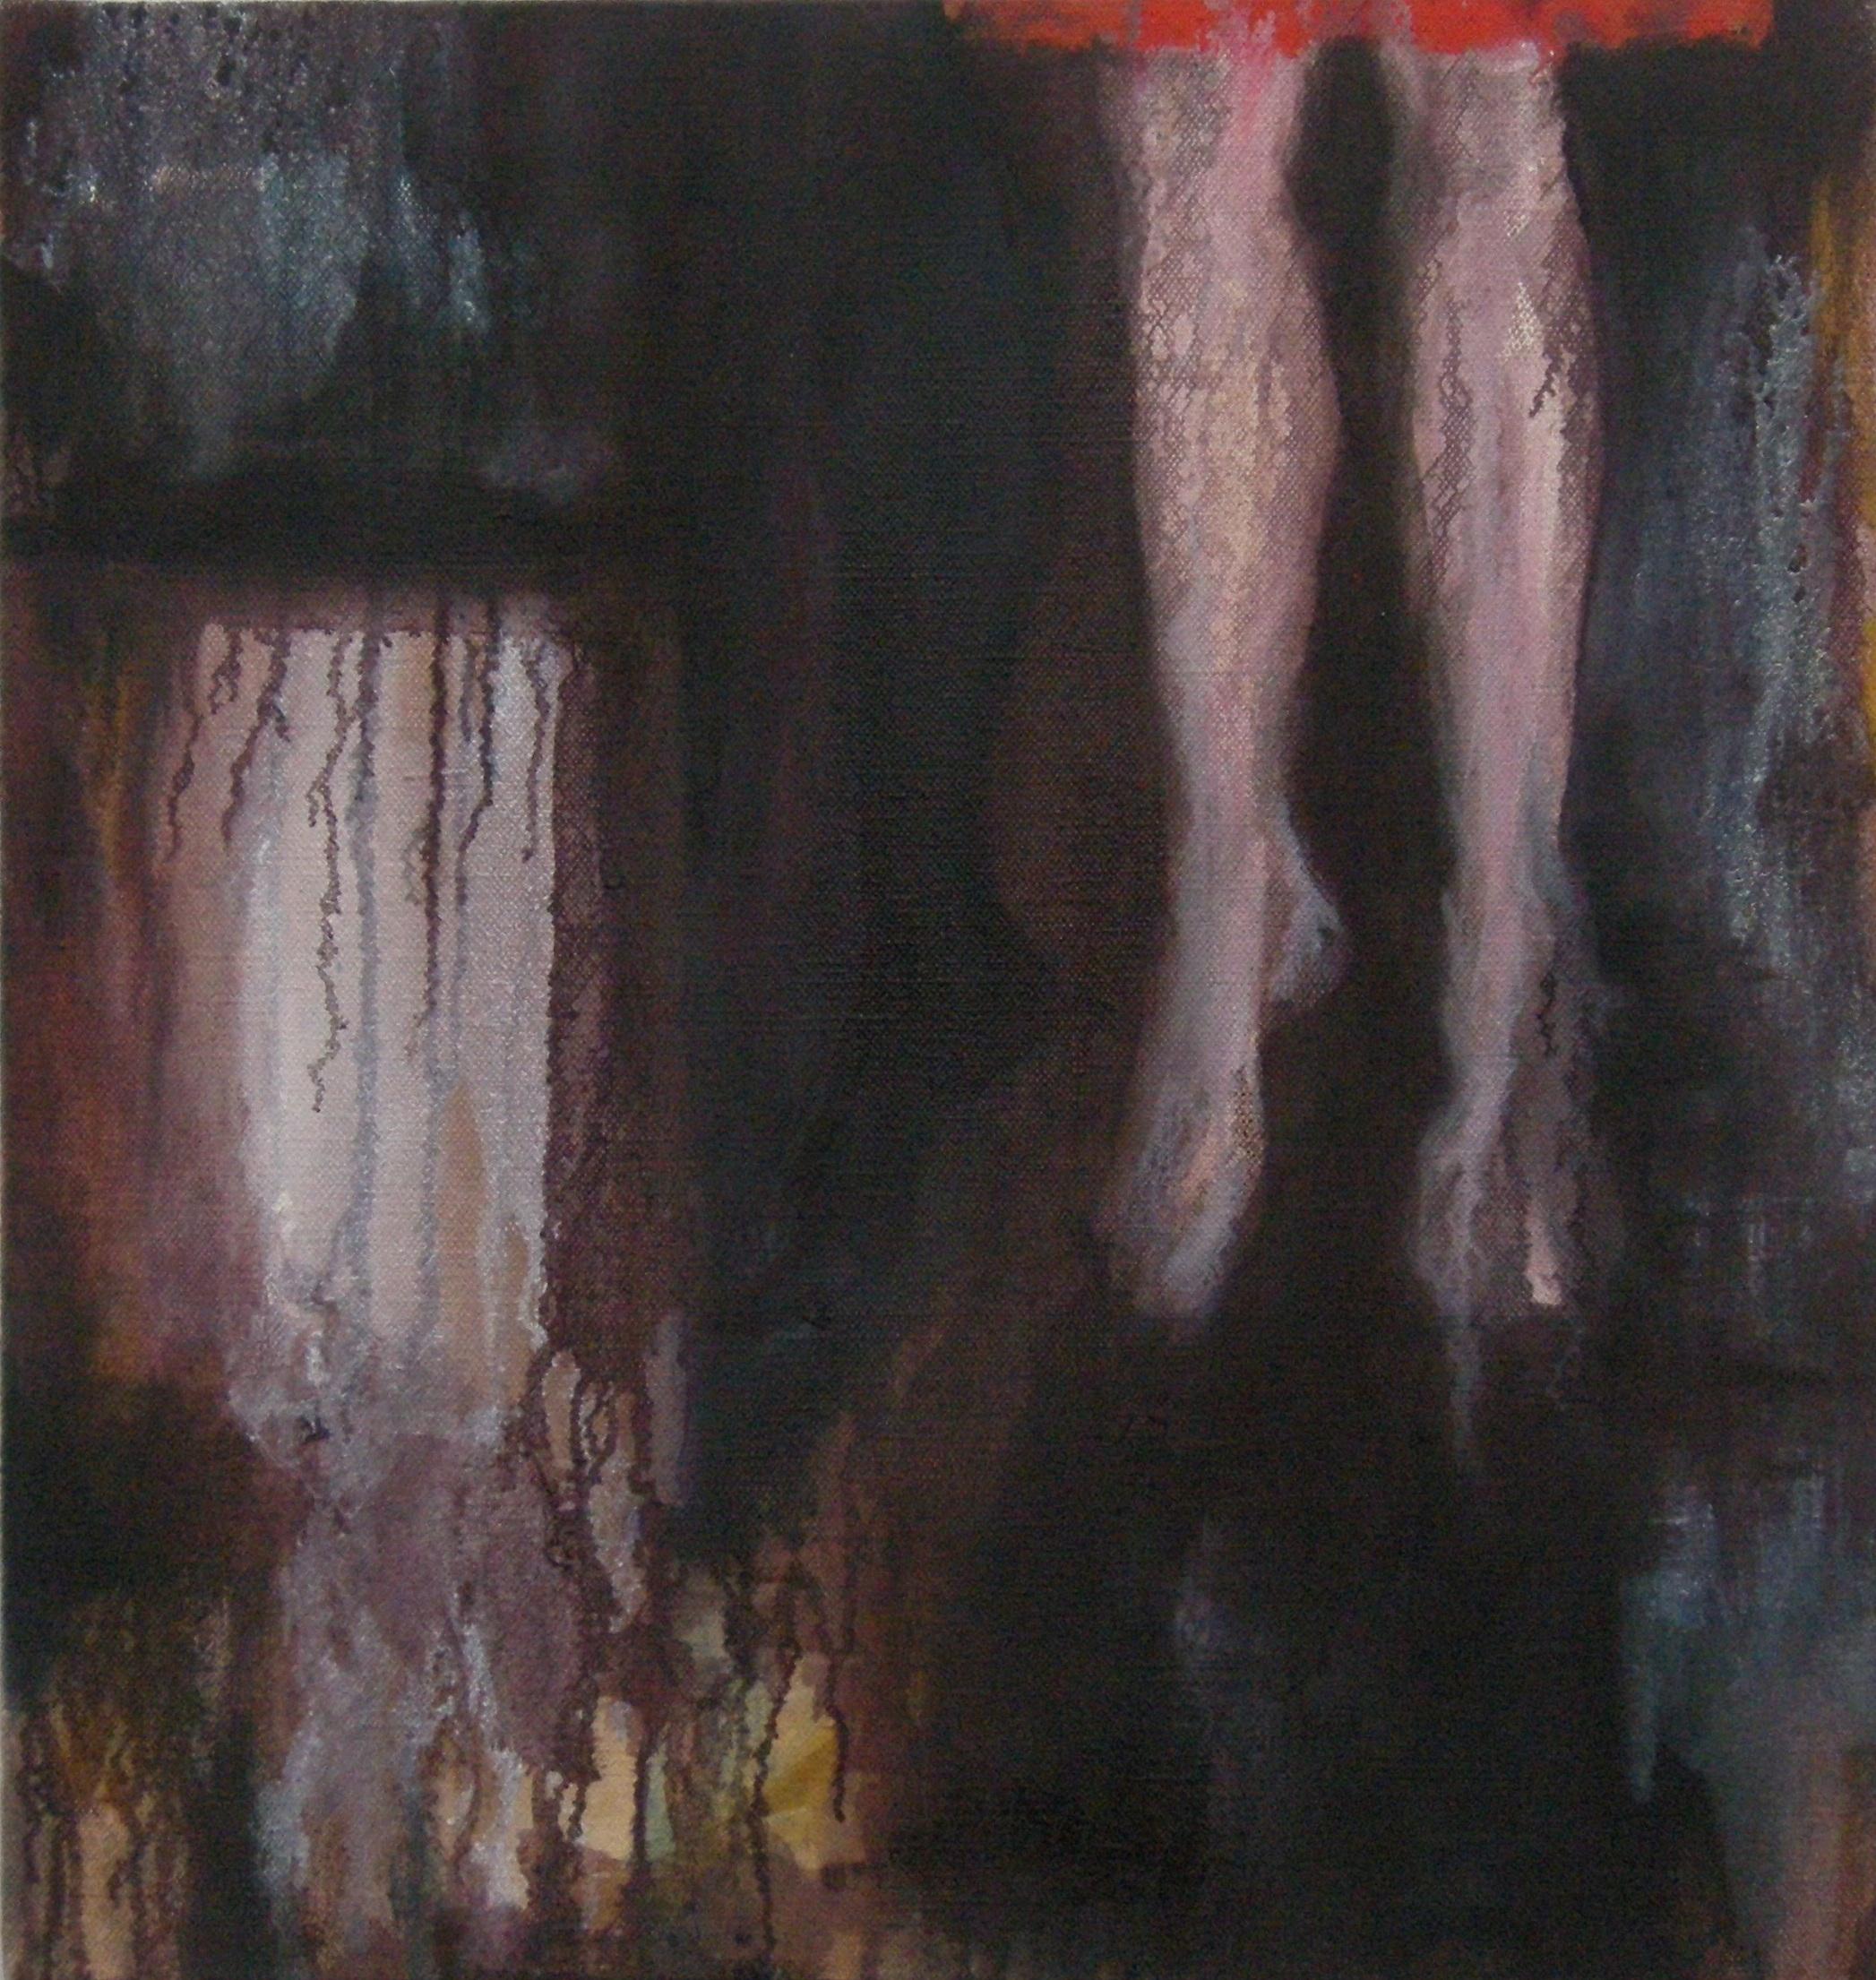 Jalat / 2009 / oil on canvas